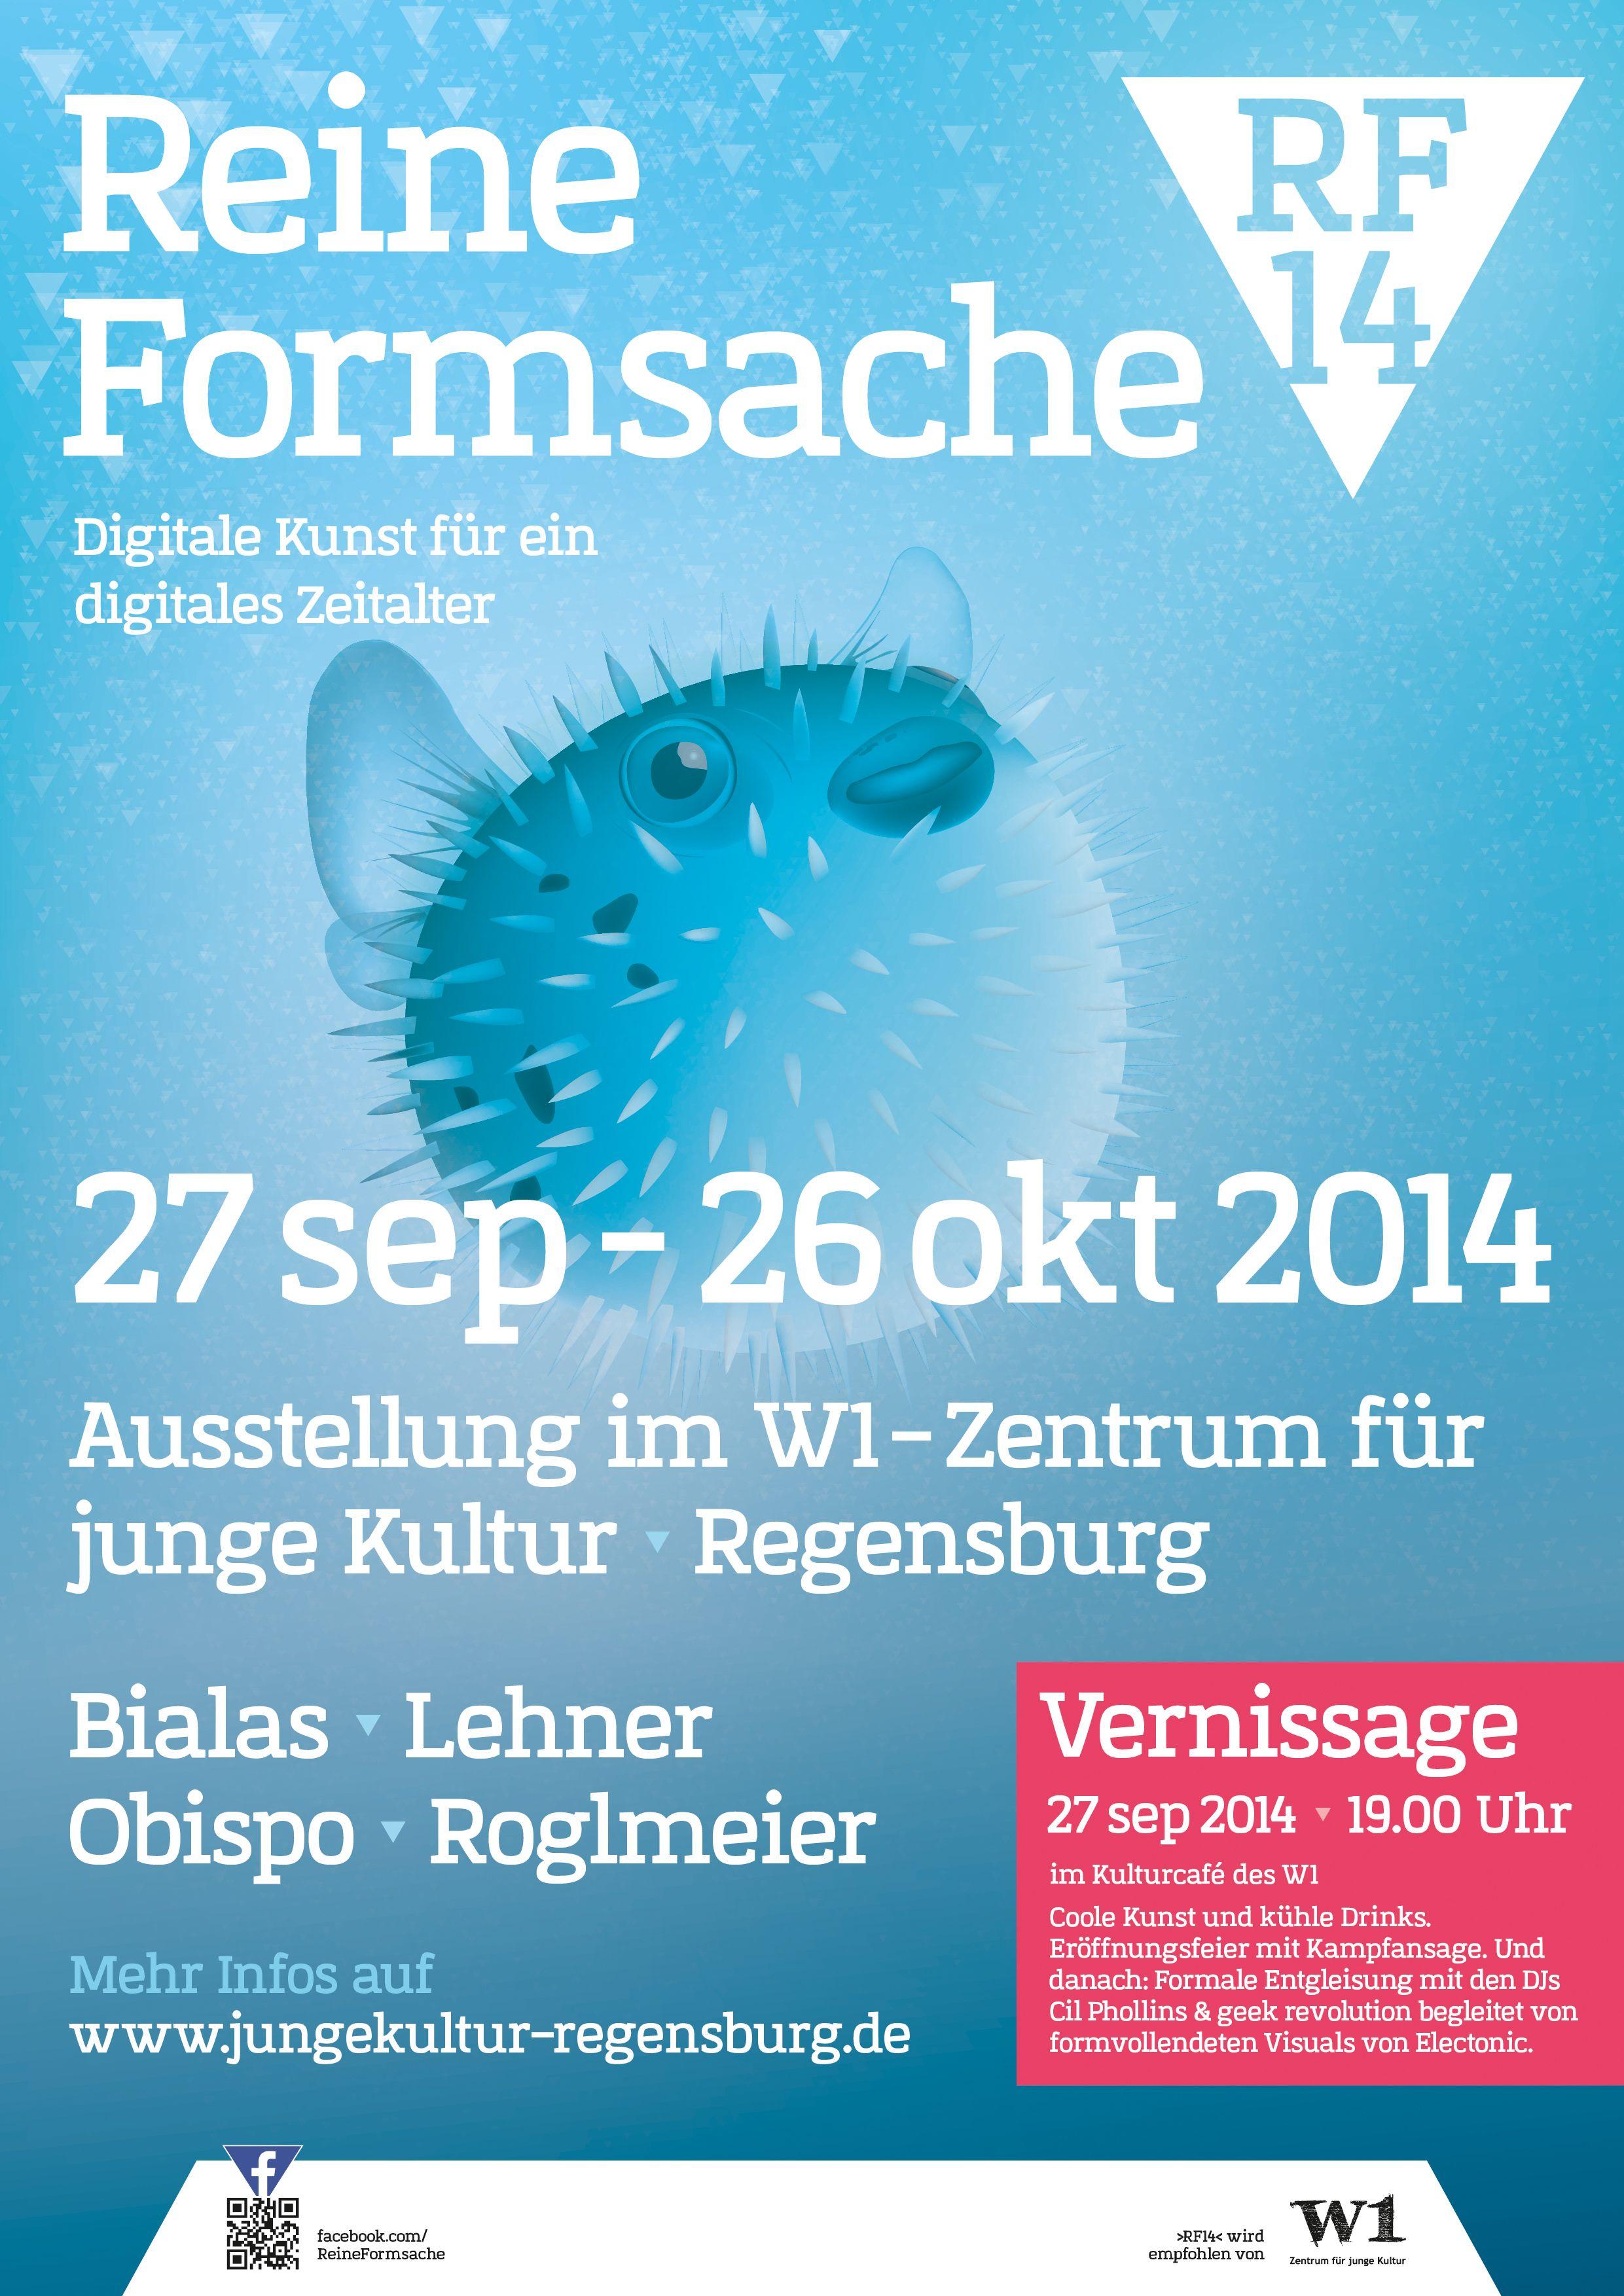 """Offizielles Plakat für die Ausstellung """"Reine Formsache 14"""" in Regensburg (www.facebook.com/ReineFormsache) Digital ist besser, Baby!  #rf14 #ausstellung #digital #kunst #w1 #regensburg #poster #plakat"""